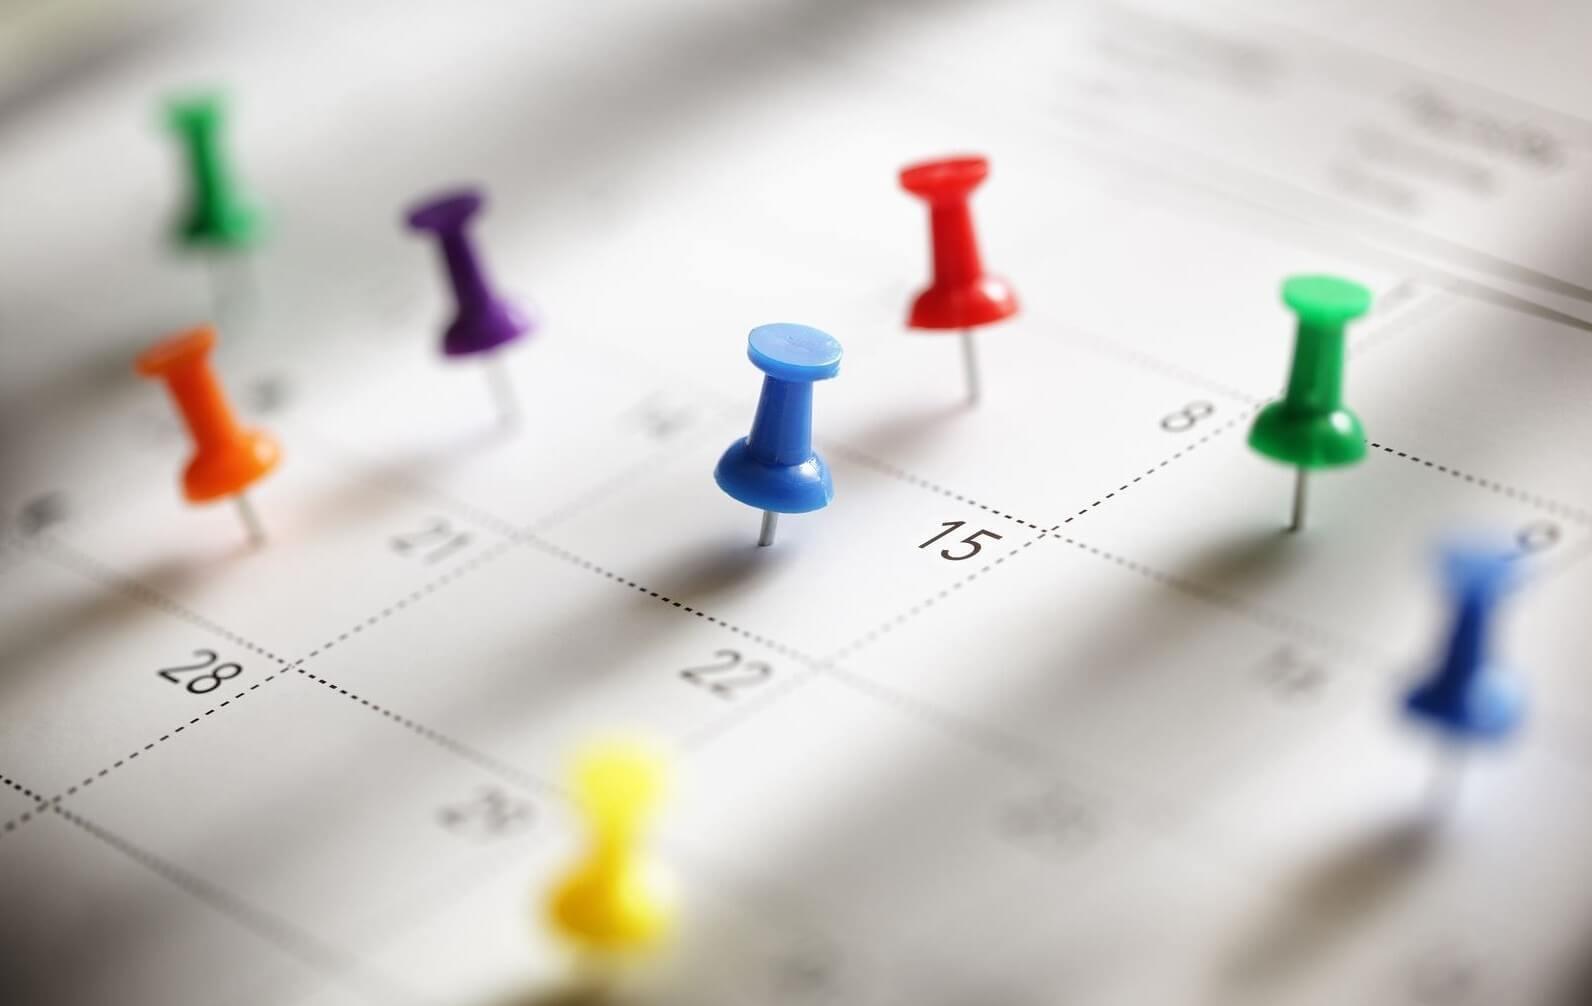 Principais datas comemorativas: quais celebrar?